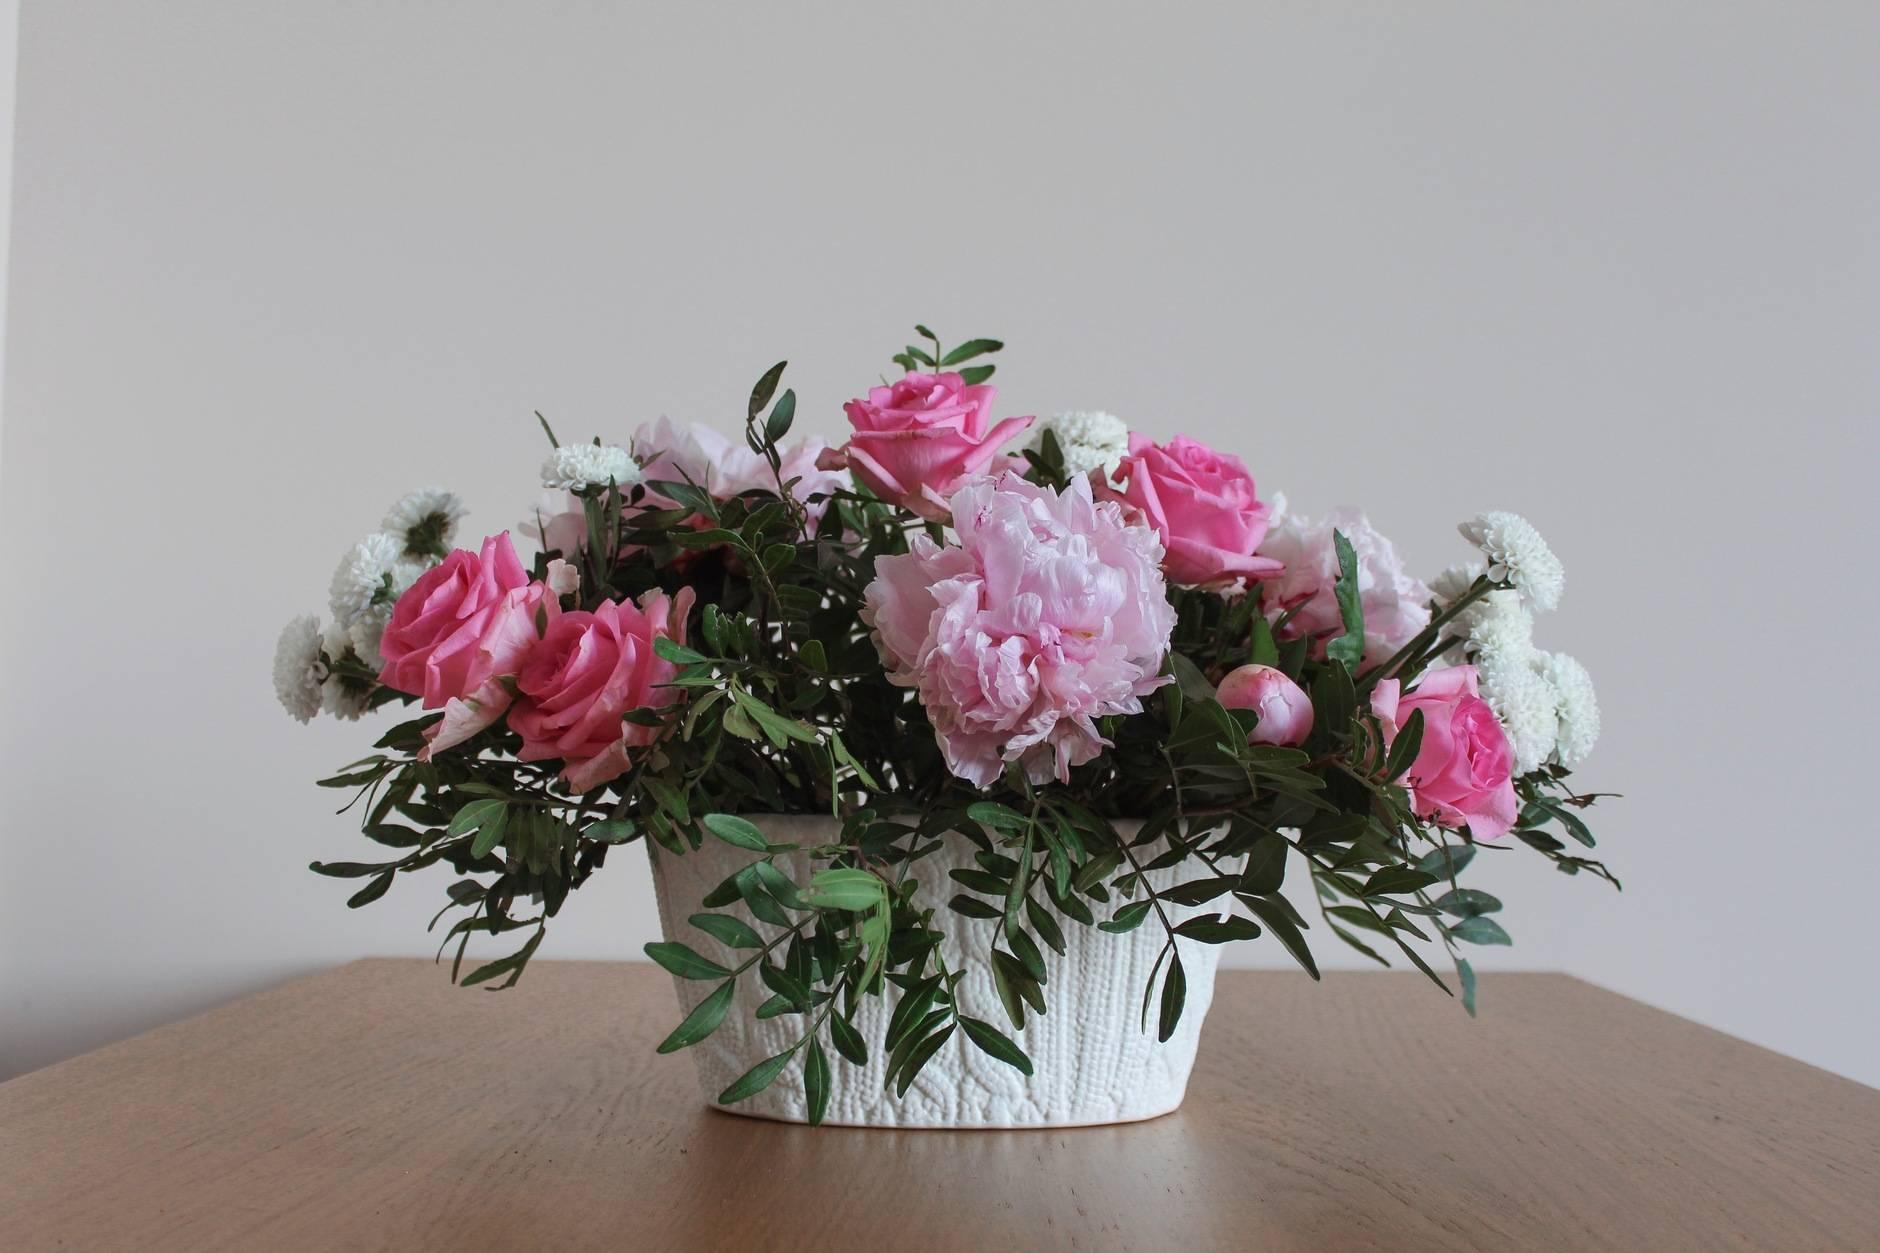 Самые модные букеты цветов и лучшие композиции из живых цветов 2020-2021 года — фото